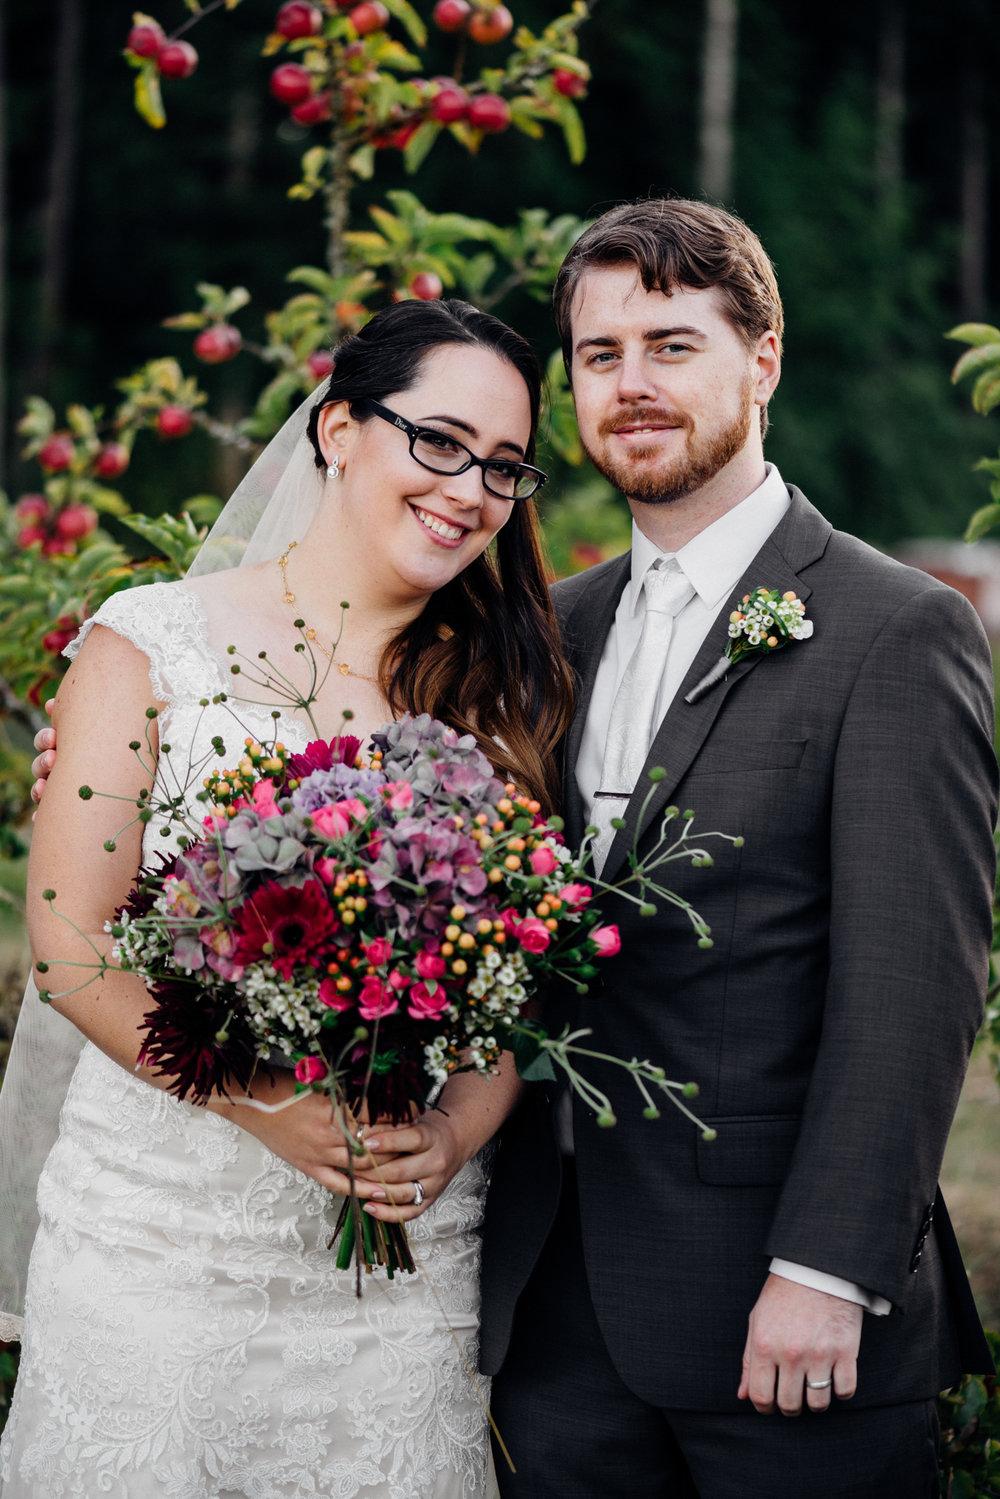 Nicola_Reiersen_Photography_Sea_Cider_Forest_Wedding (100).jpg